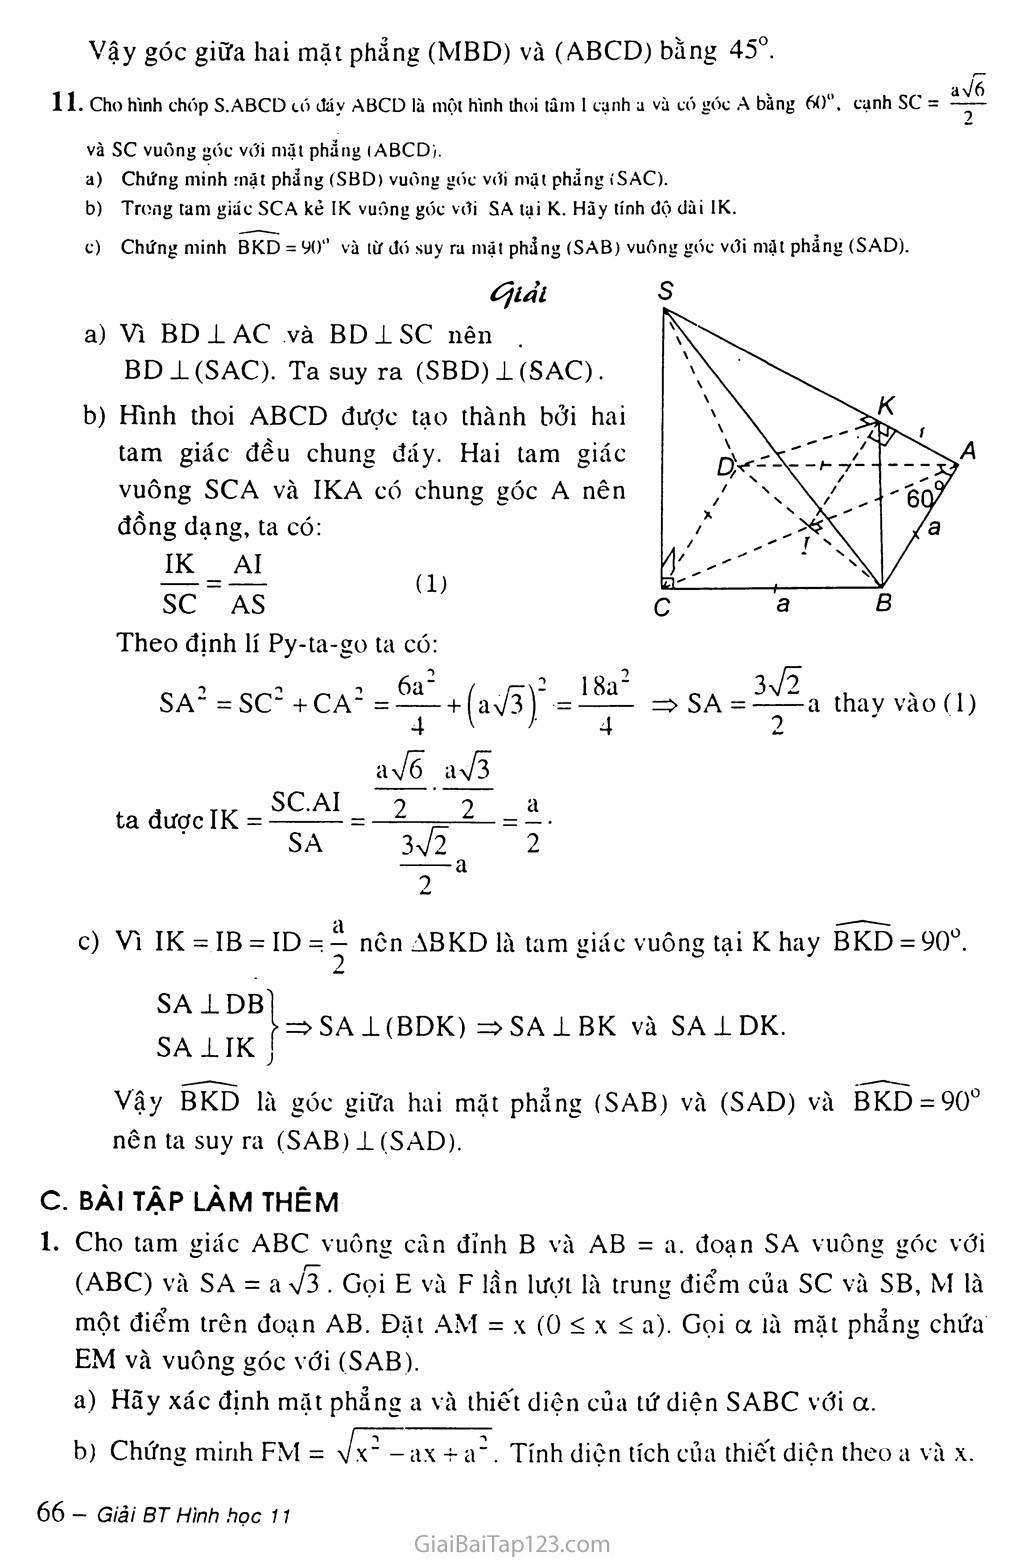 Bài 4. Hai mặt phẳng vuông góc trang 7